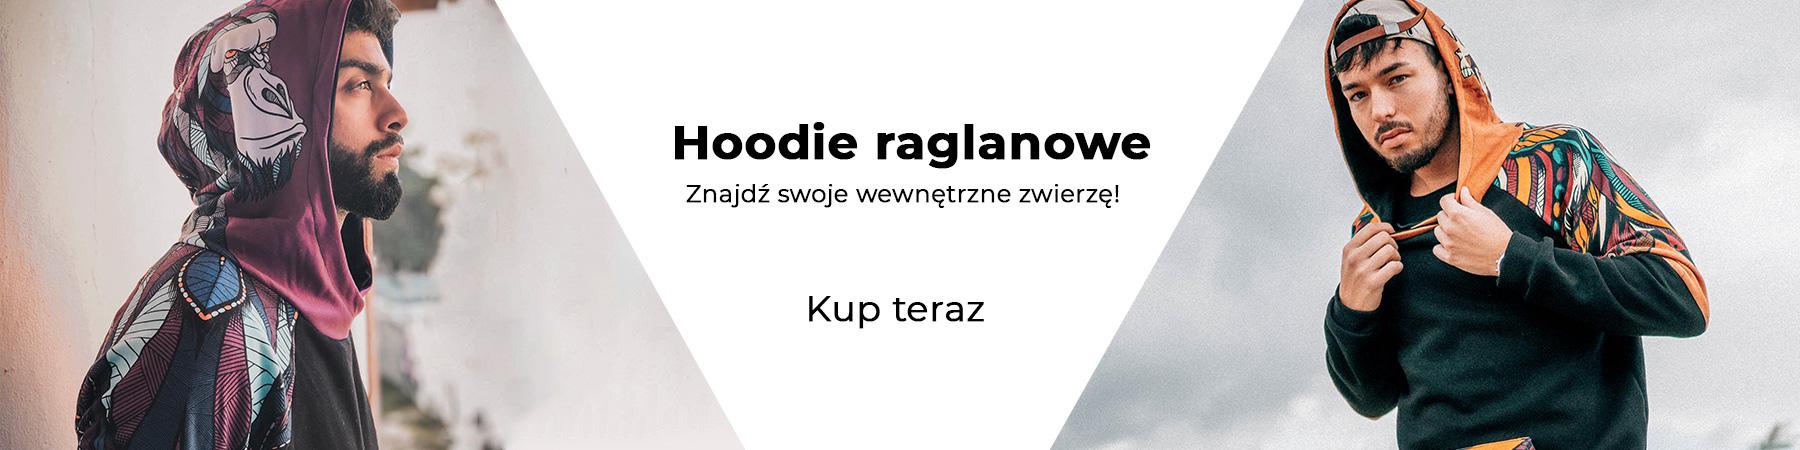 Hoodie raglanowe